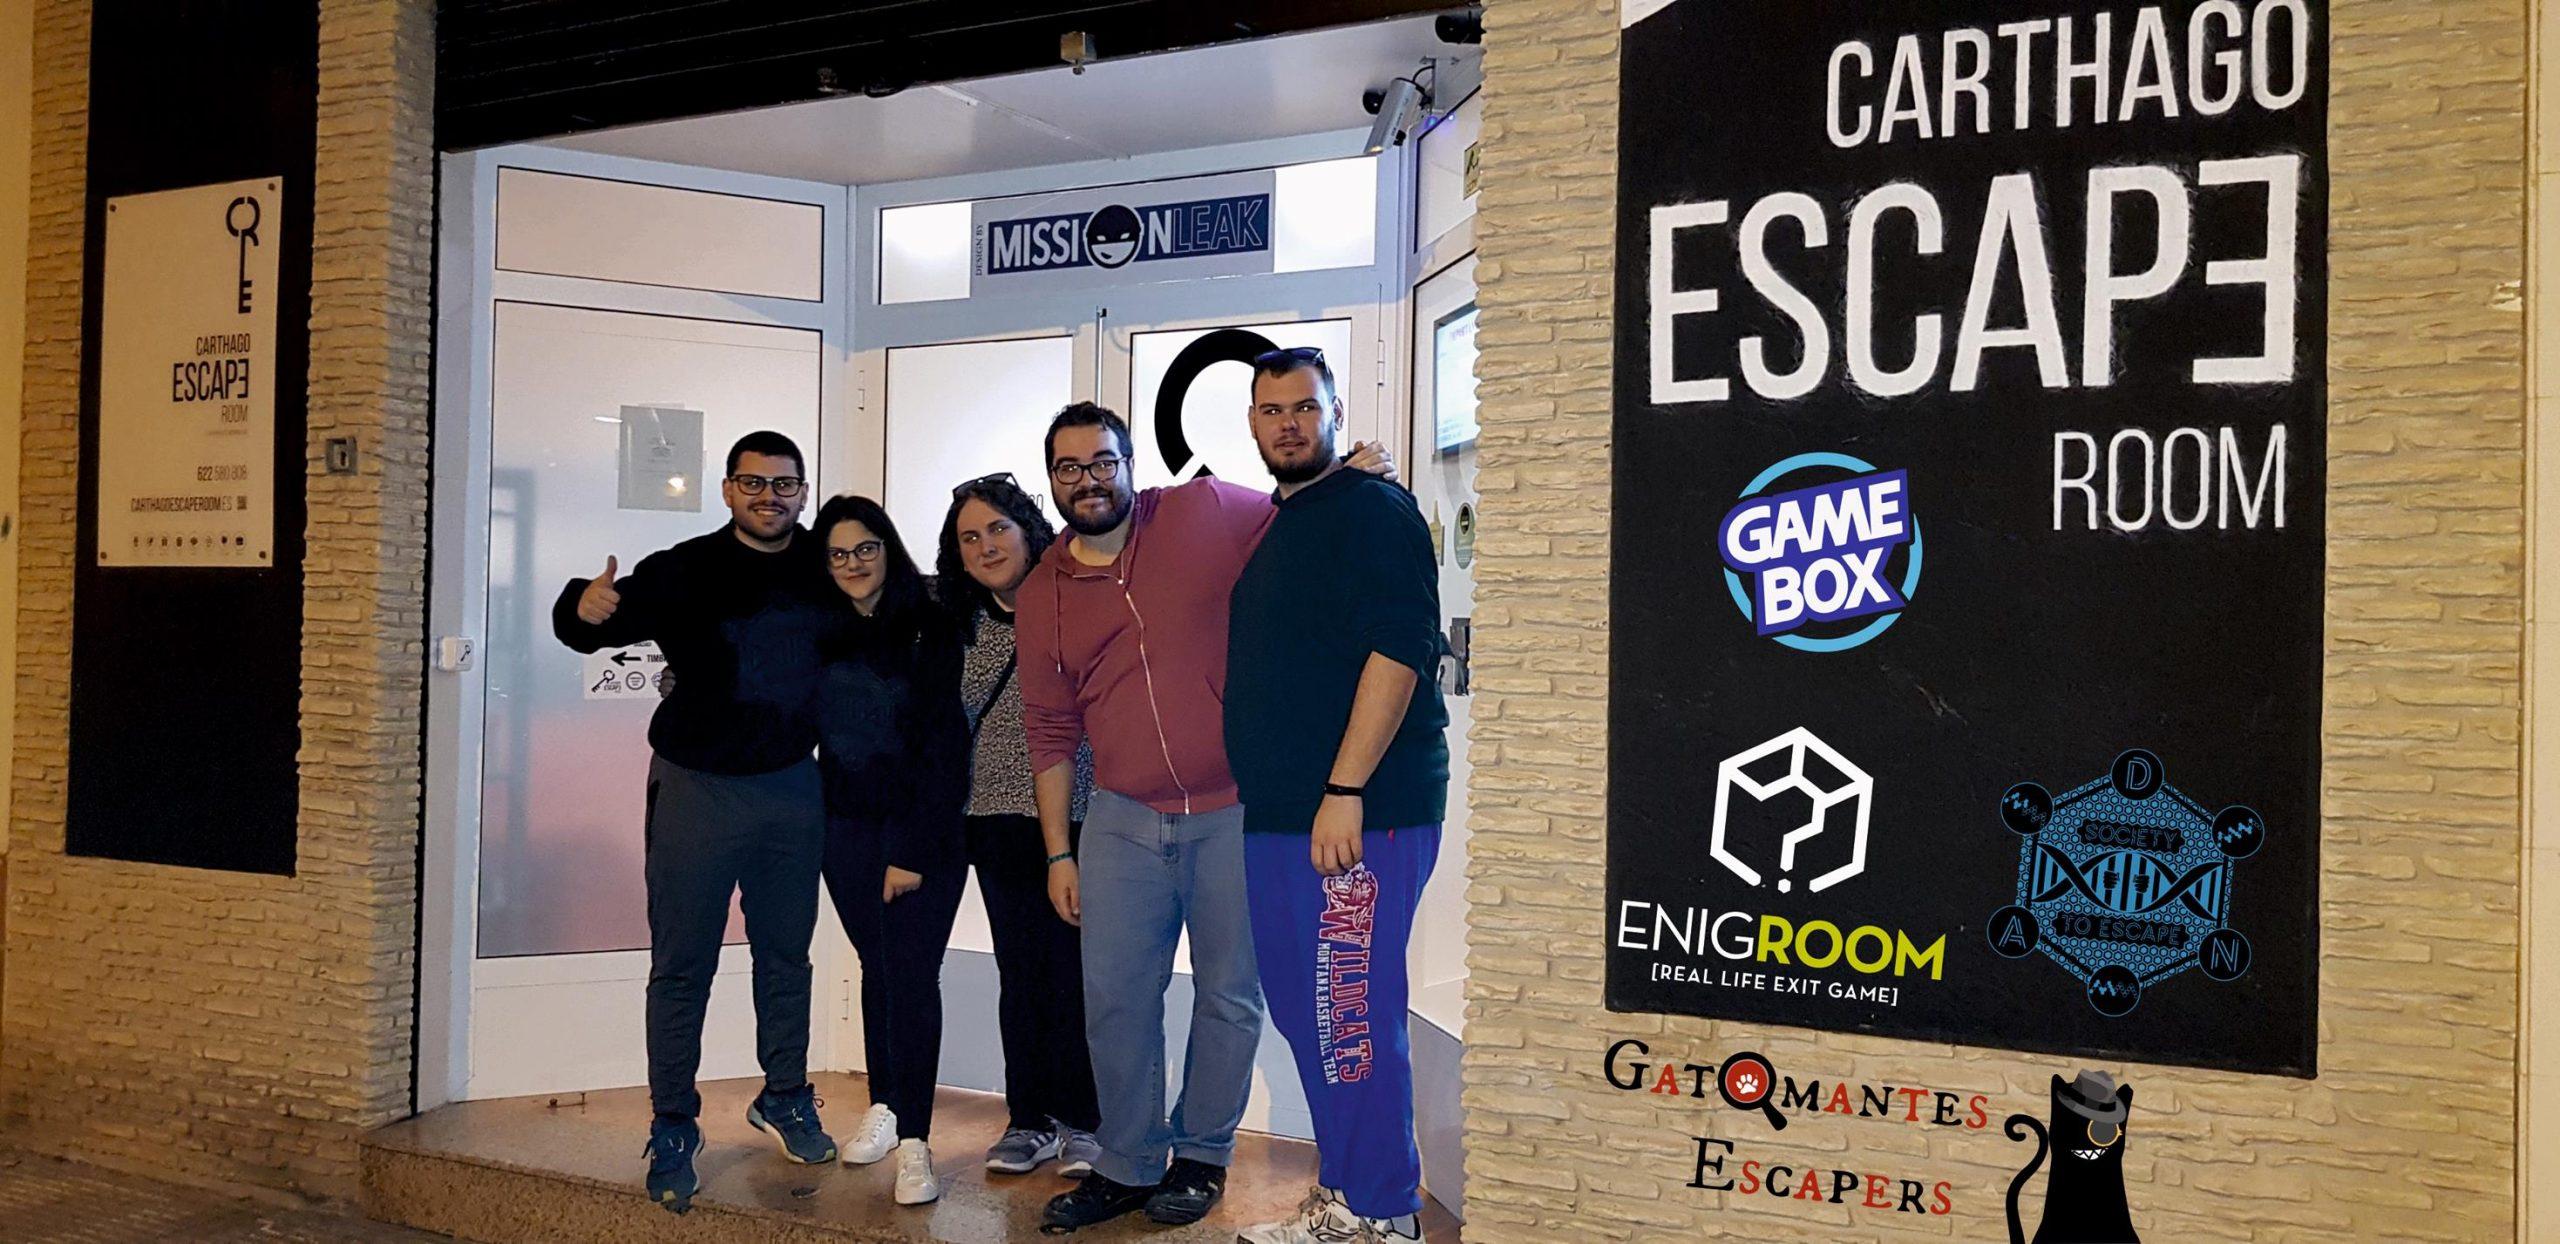 """""""Game Box"""" / Carthago Escape Room (Cartagena)"""